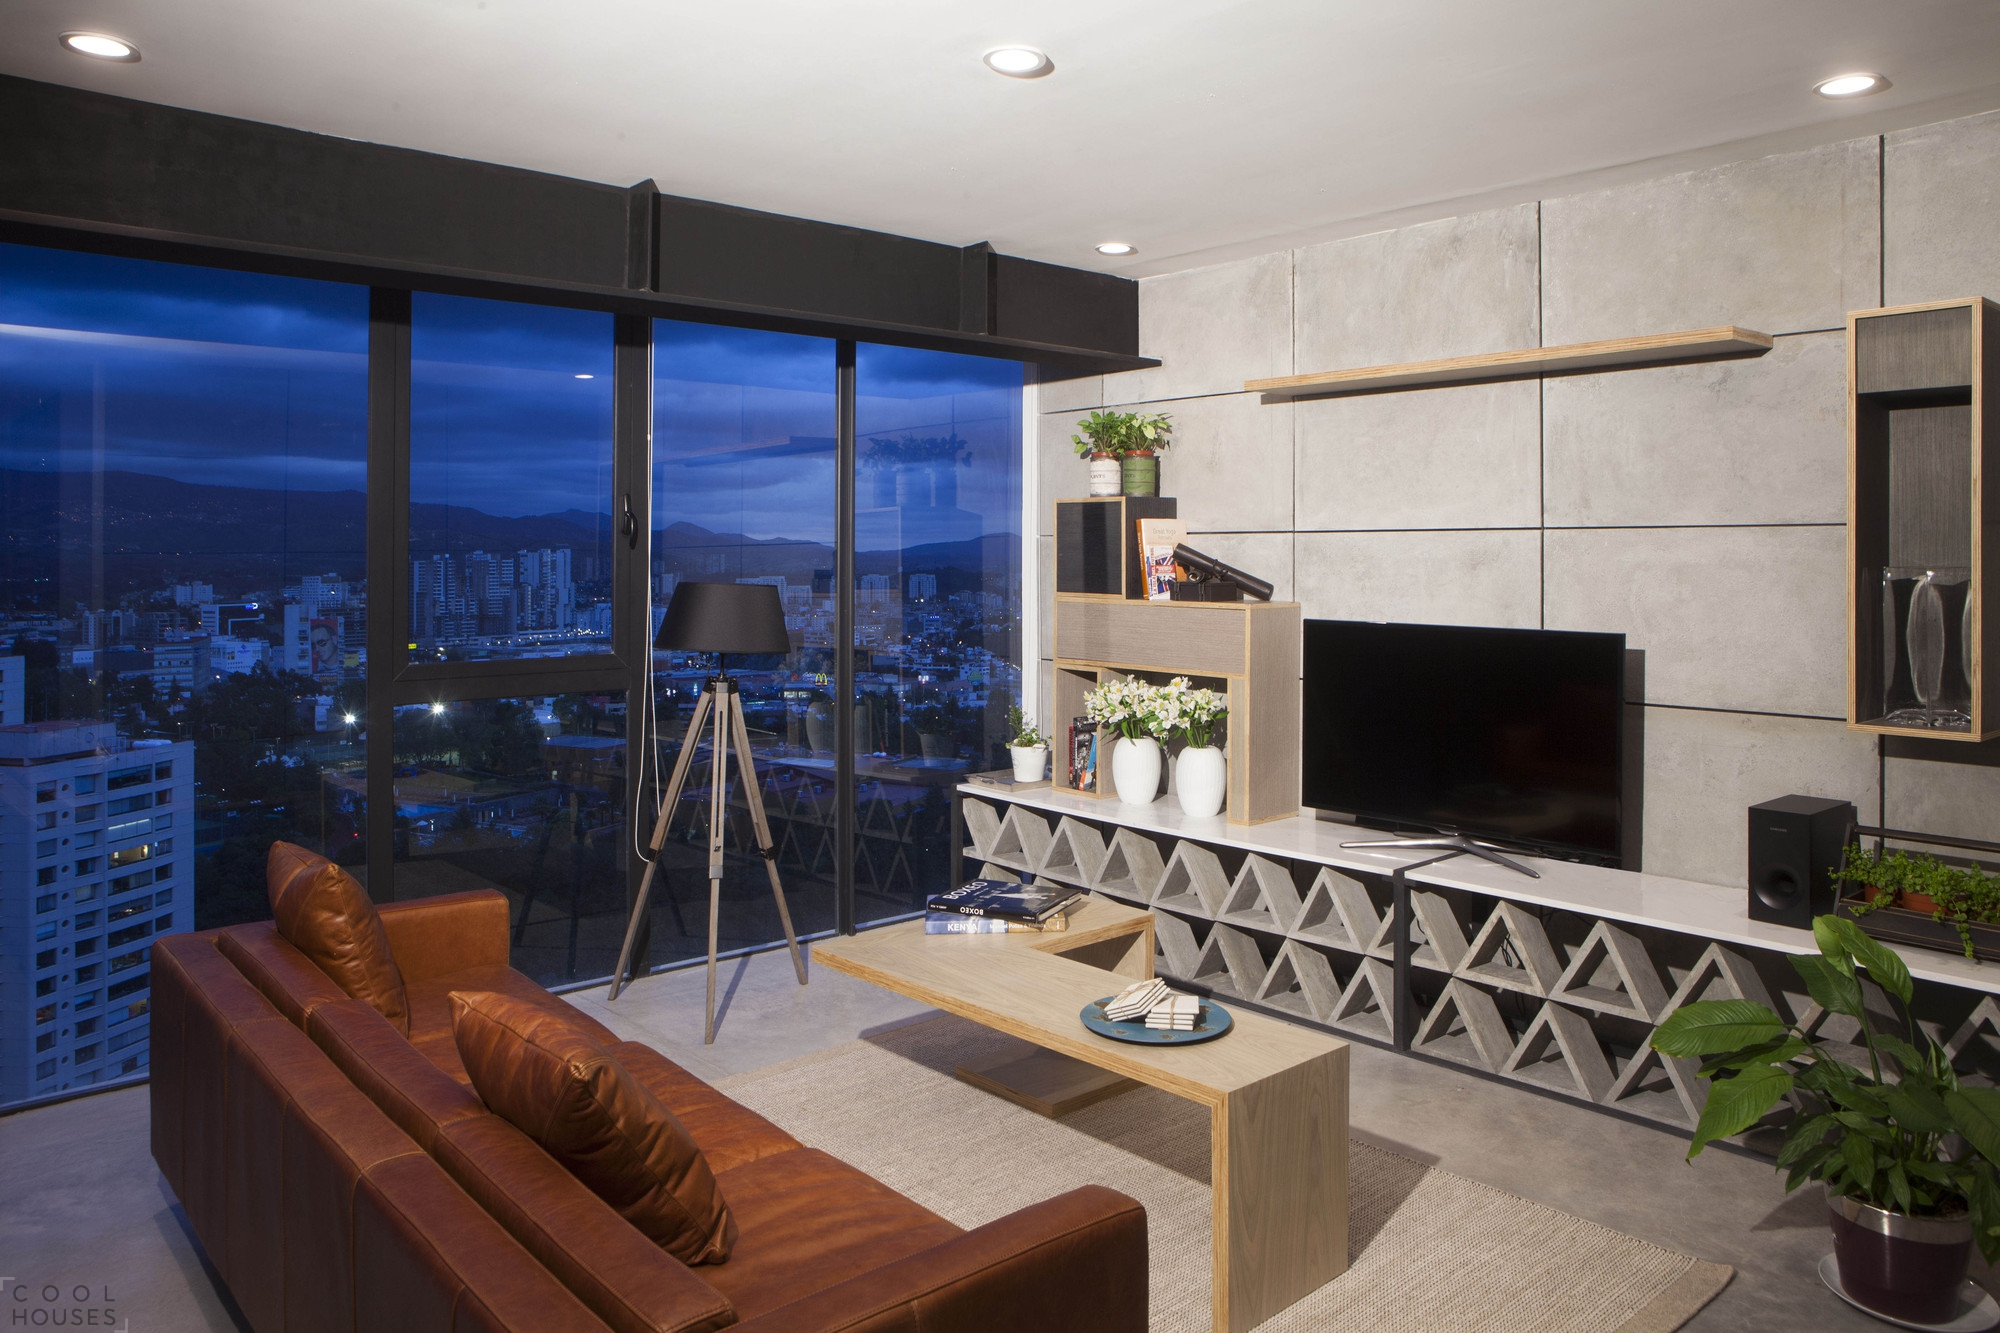 Експертна оцінка квартири